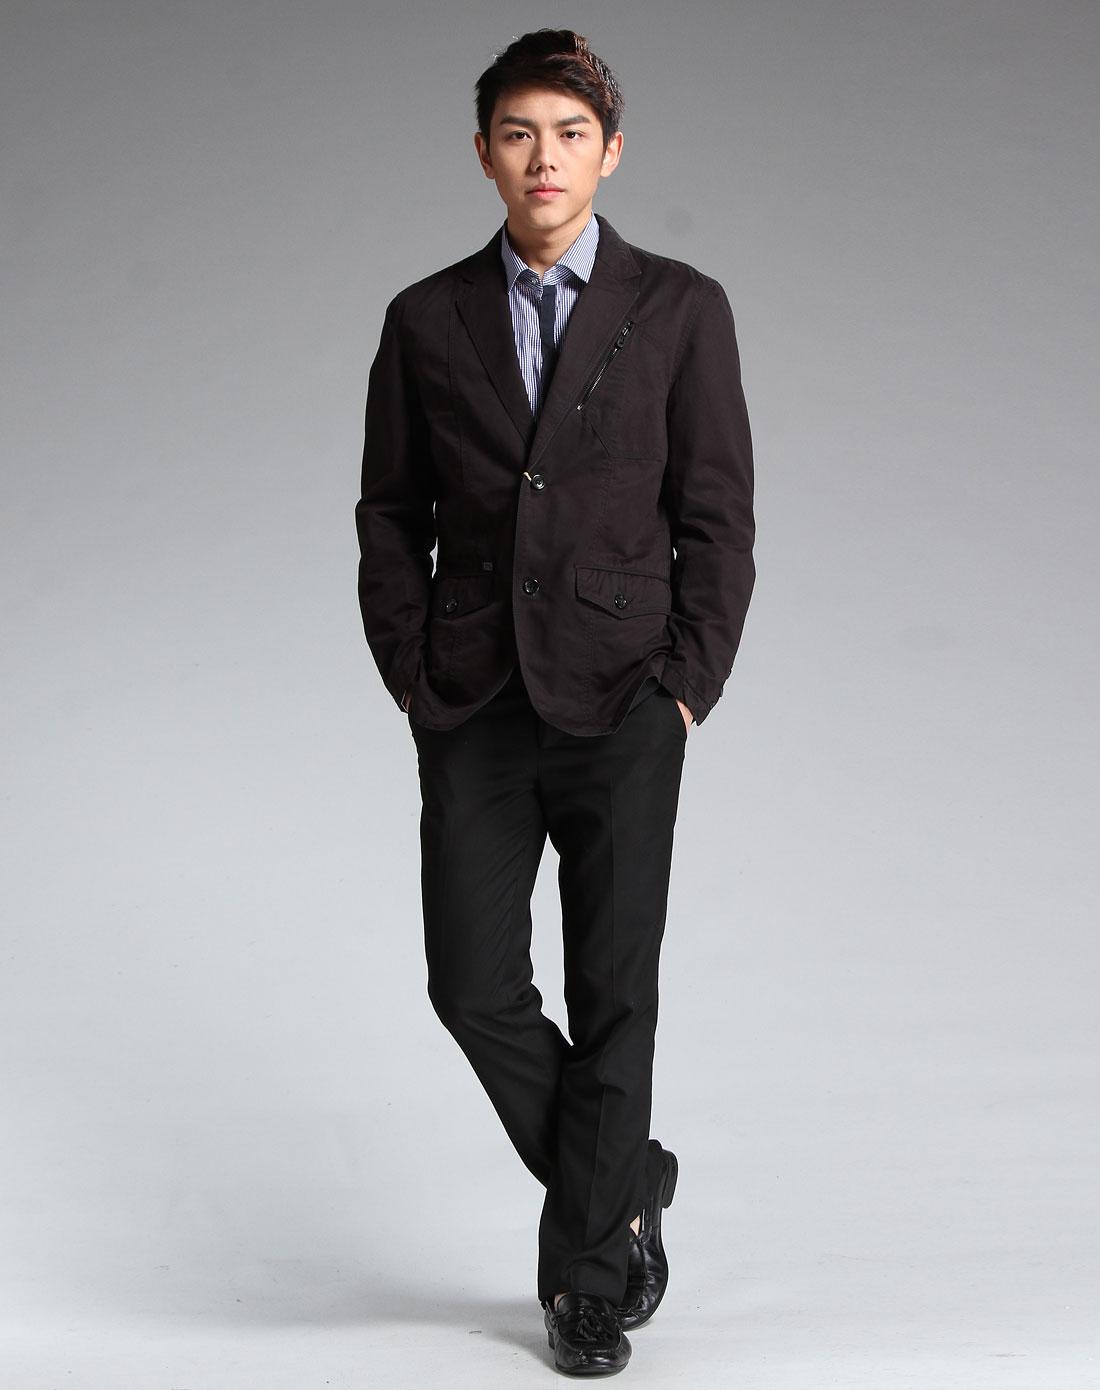 黑色商务时尚休闲长袖西装